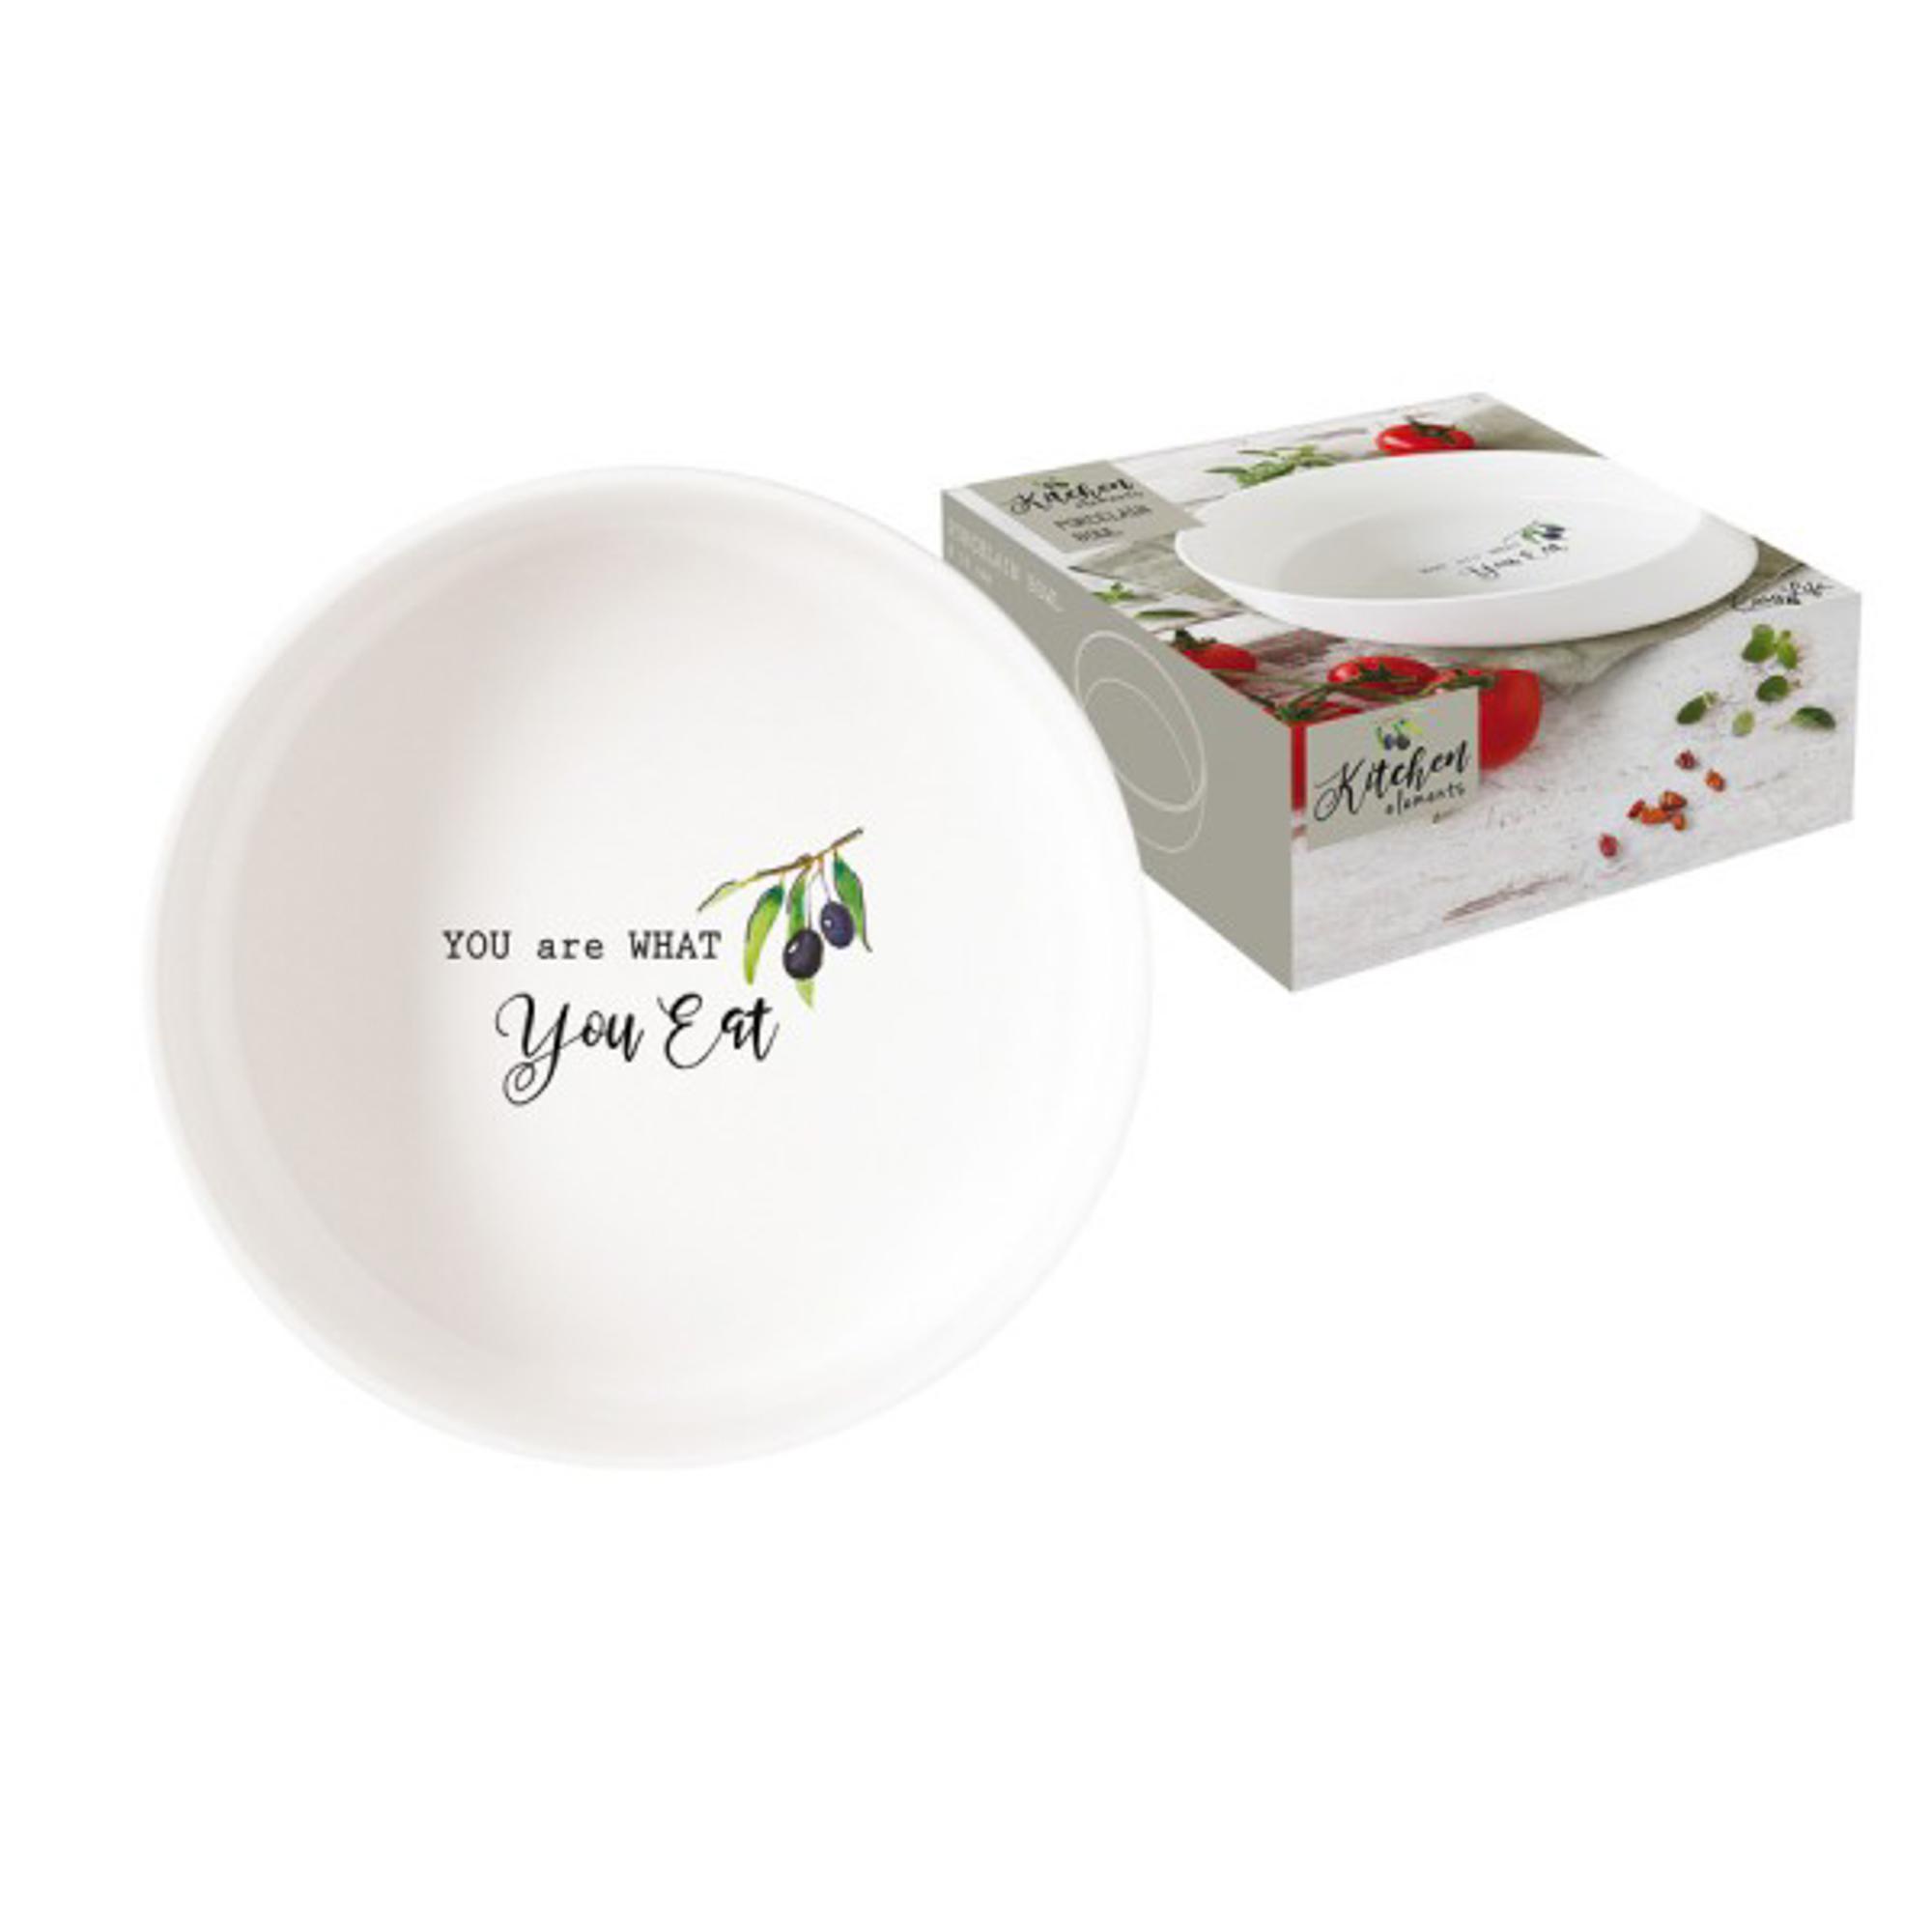 Фото - Чаша-салатник Easy Life Kitchen Elements 16 см салатник easy life терраццо 16 см